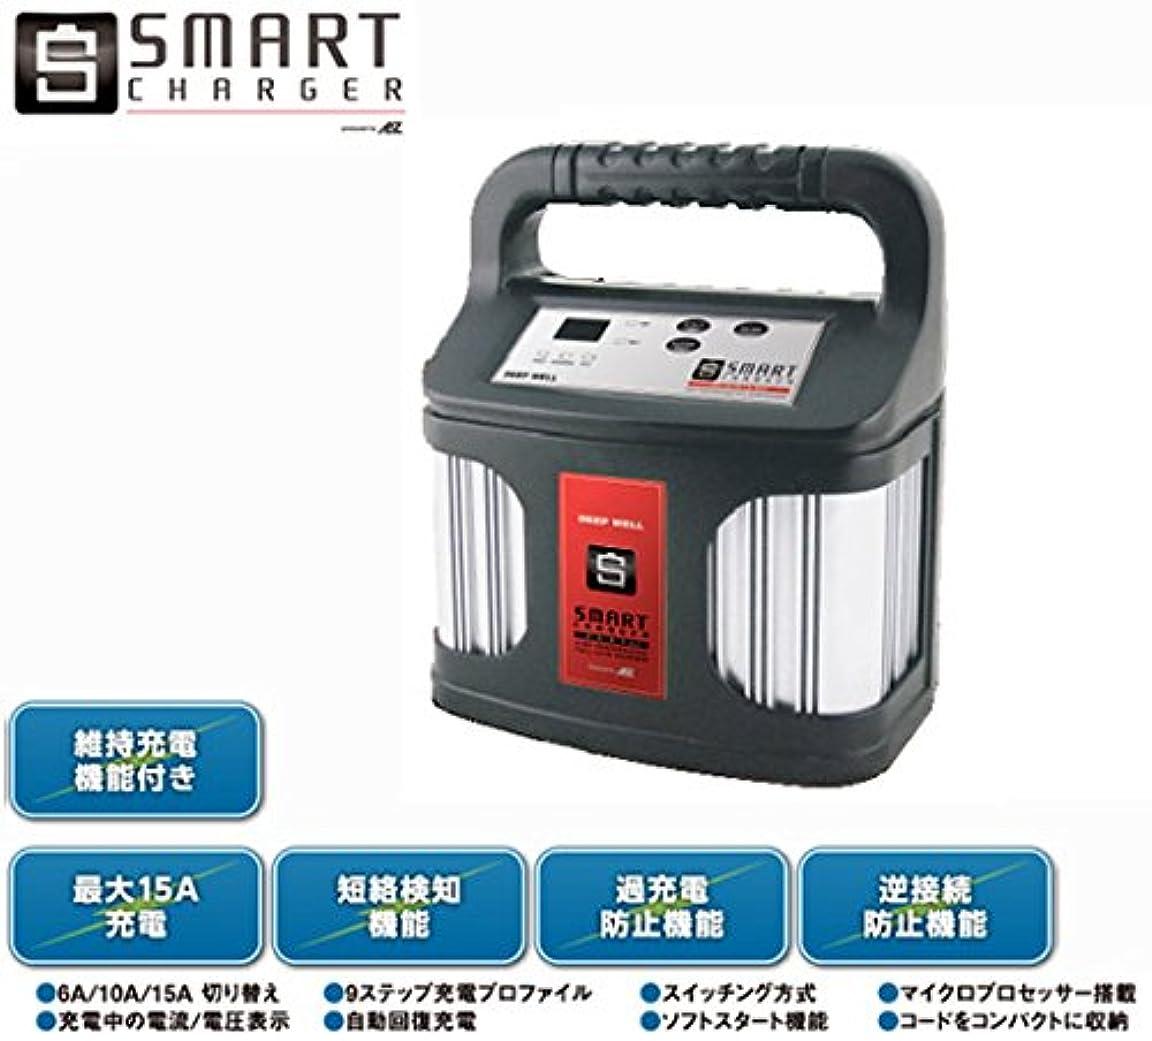 プレゼンターおいしい余剰ダイワ  コードレス スーパーリチウム BM2300 N (充電器無し) ダークシルバー 838177